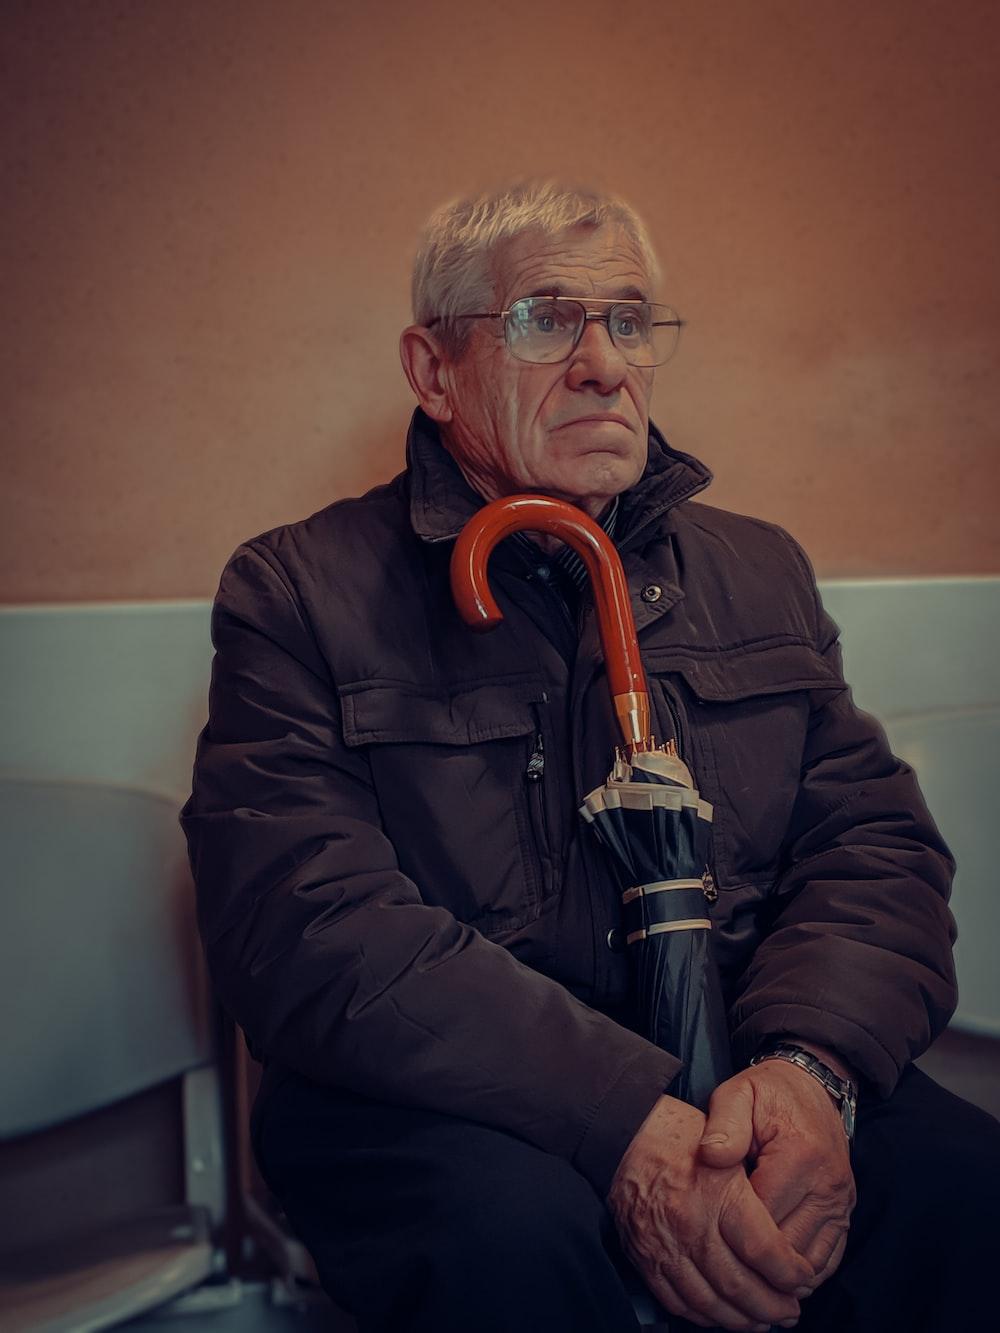 man in black jacket wearing eyeglasses